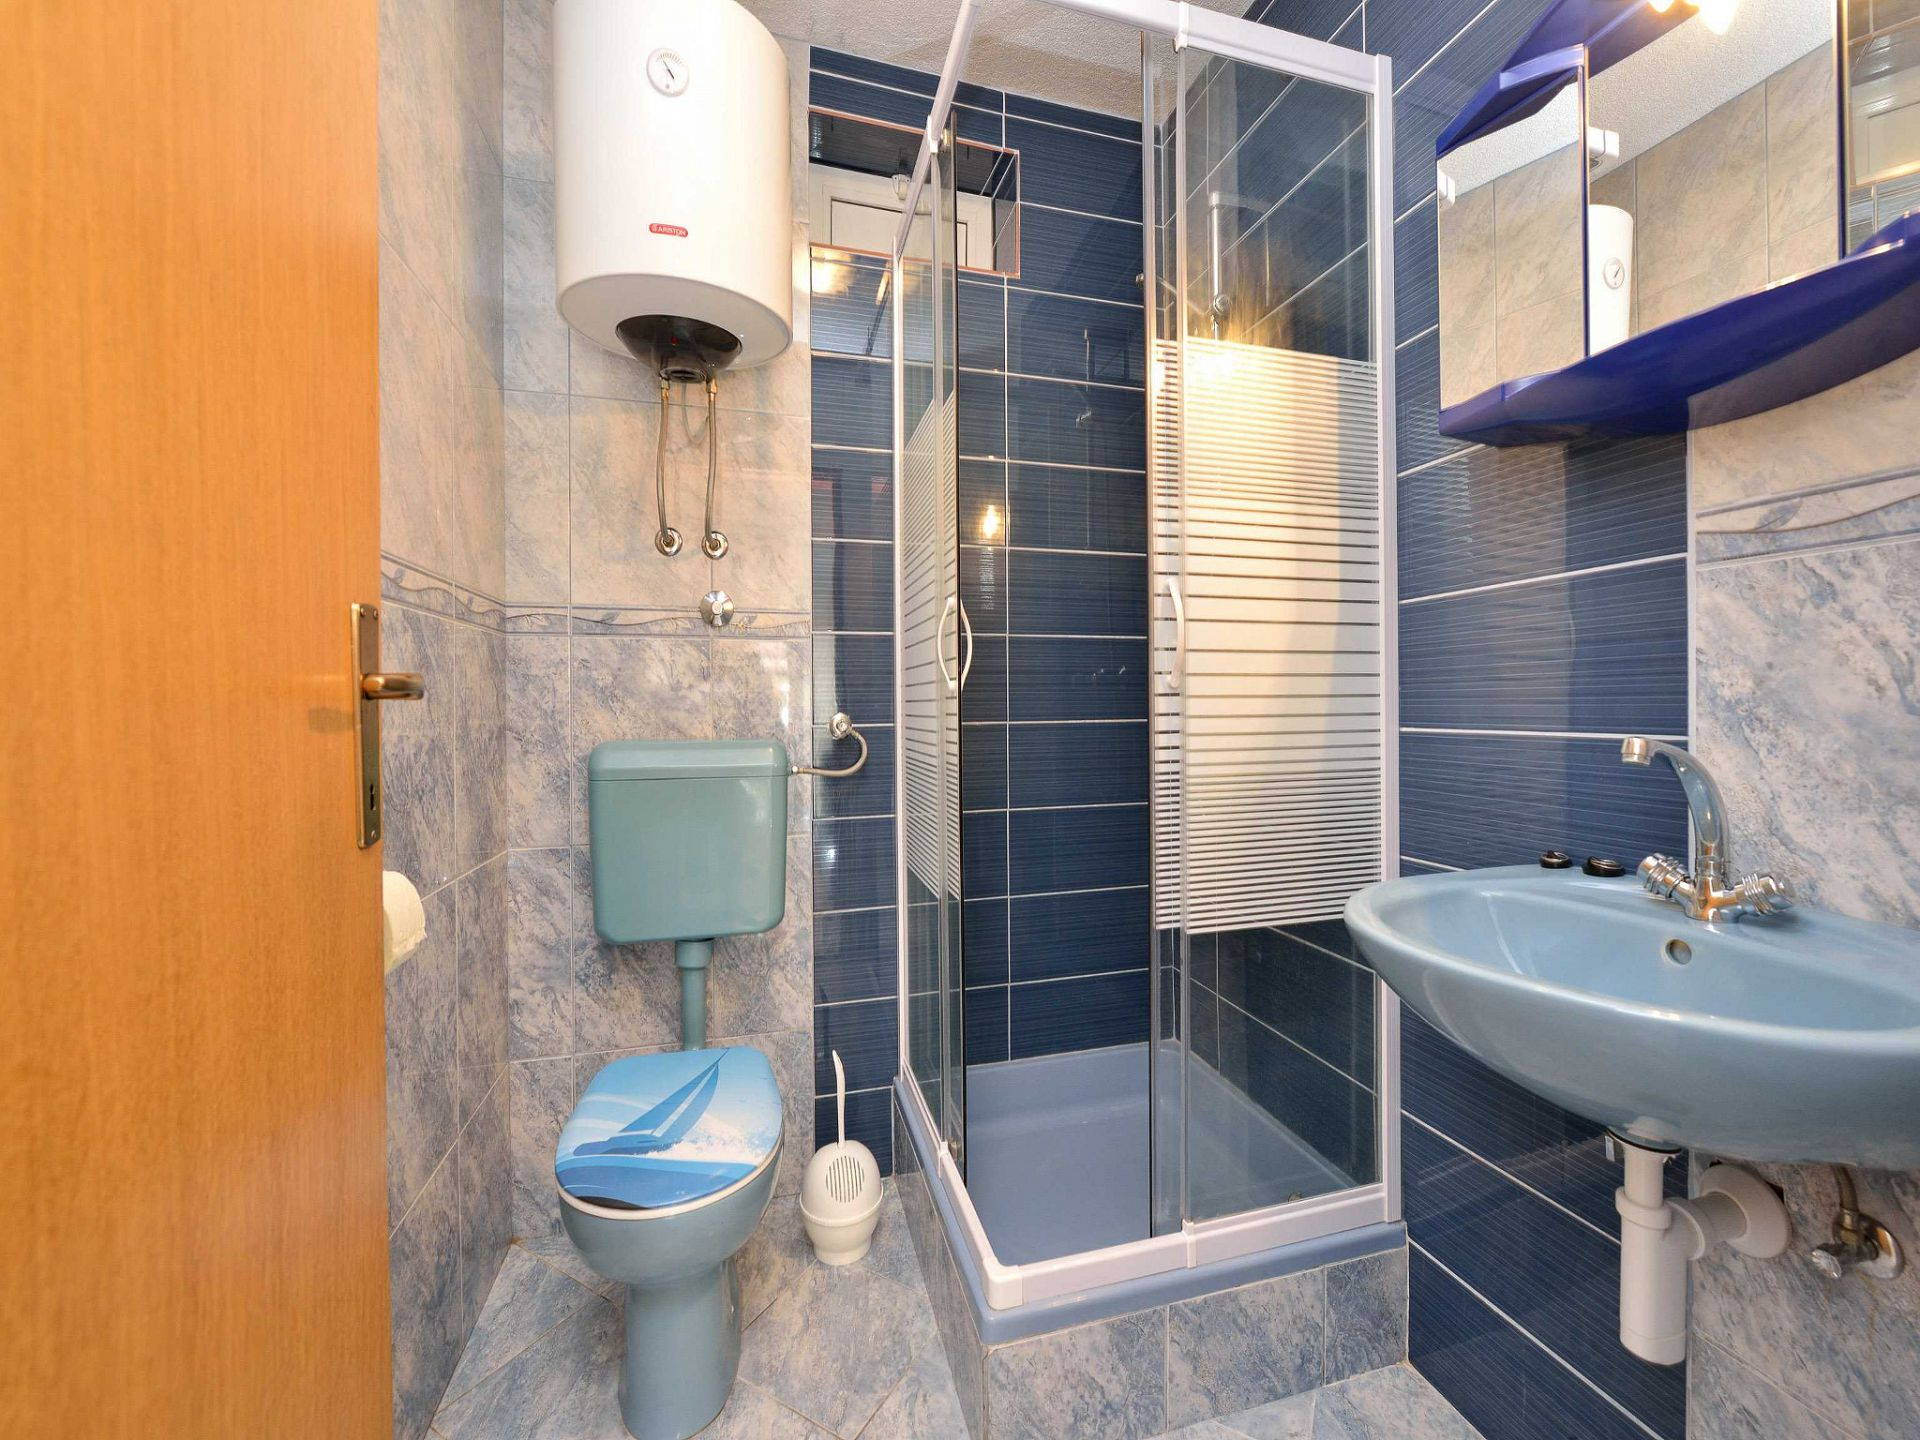 1675 - Drage - Apartmanok Horvátország - A1(4+2): fürdőszoba toalettel